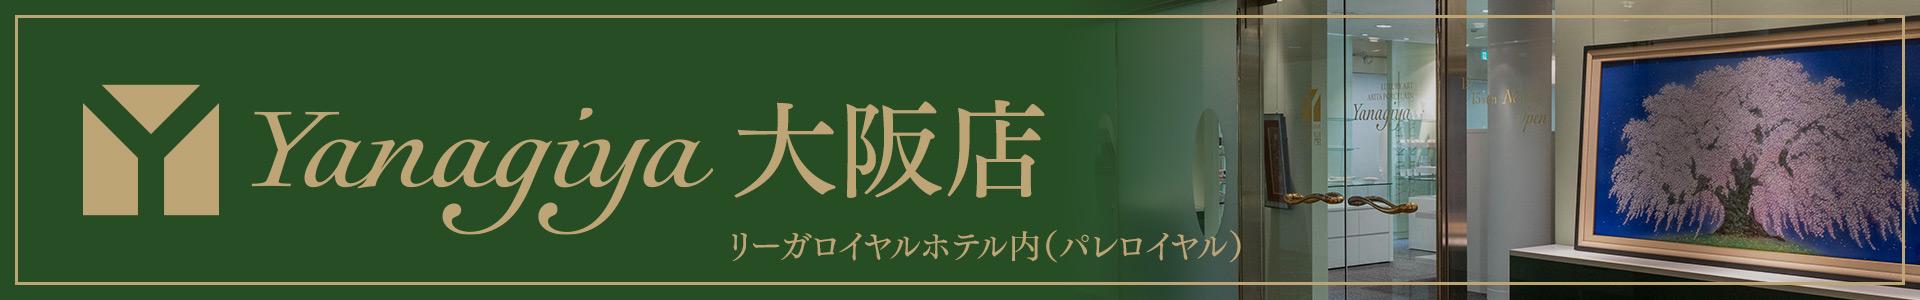 柳屋 リーガロイヤルホテル大阪 パレロイヤル